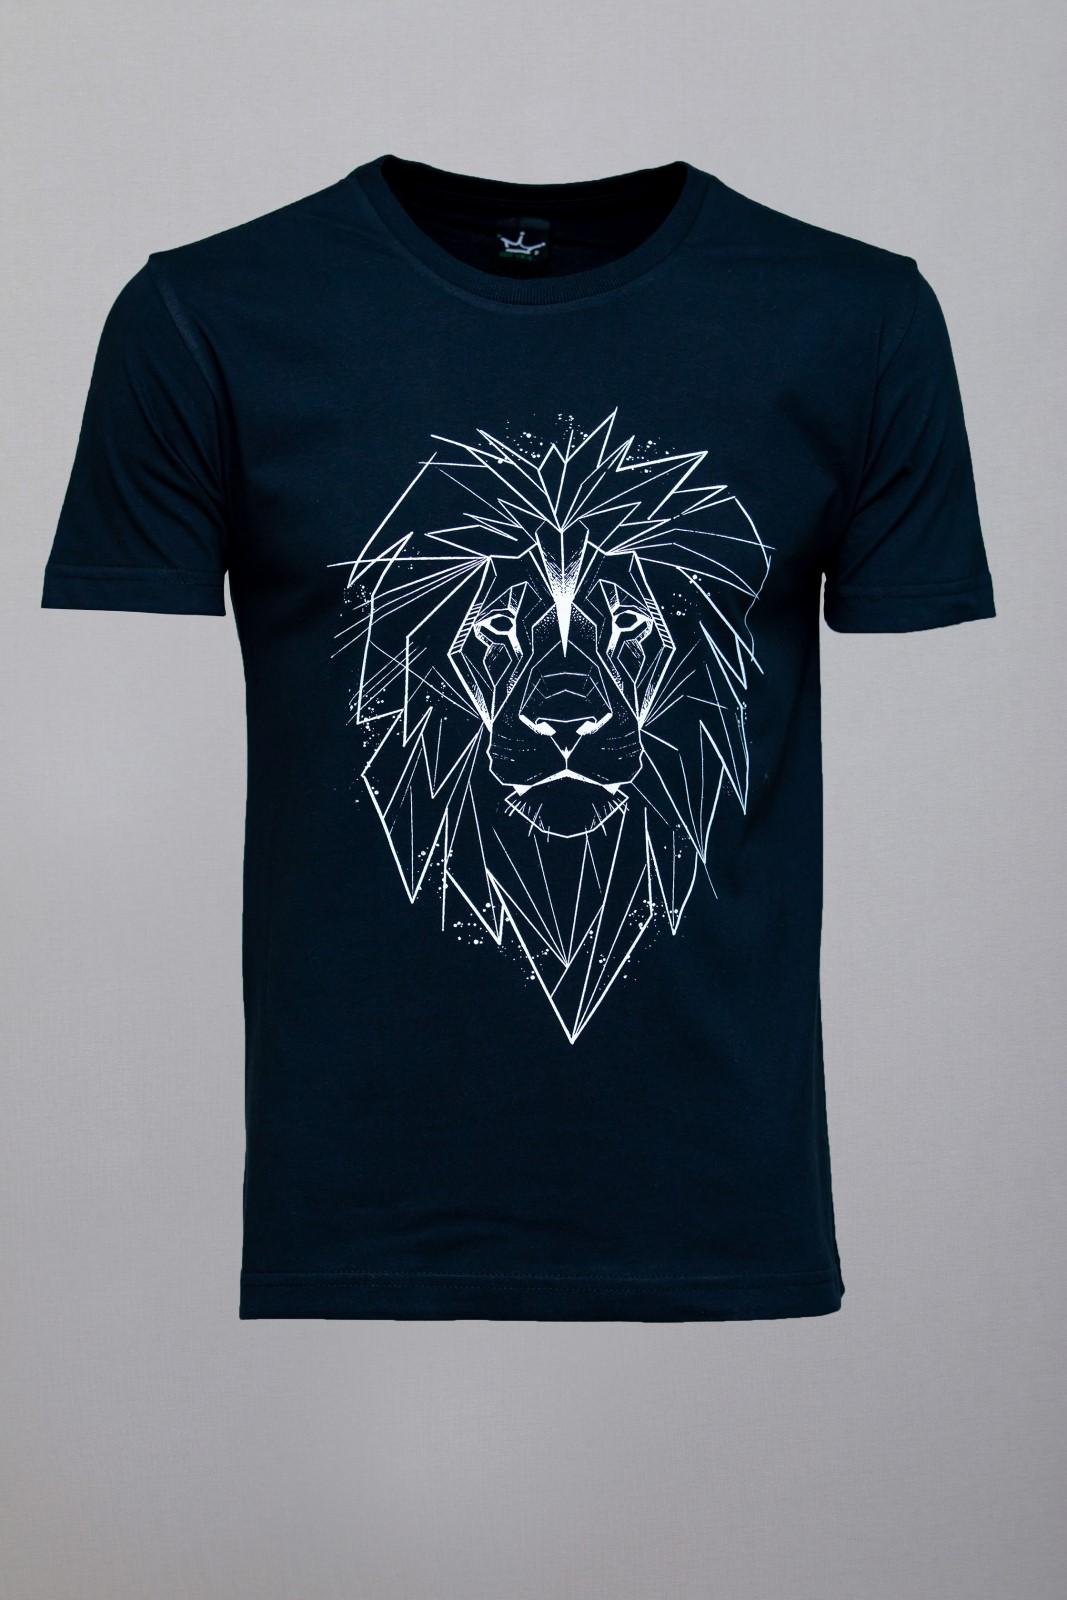 Camiseta CoolWave Lion Sketch Preta